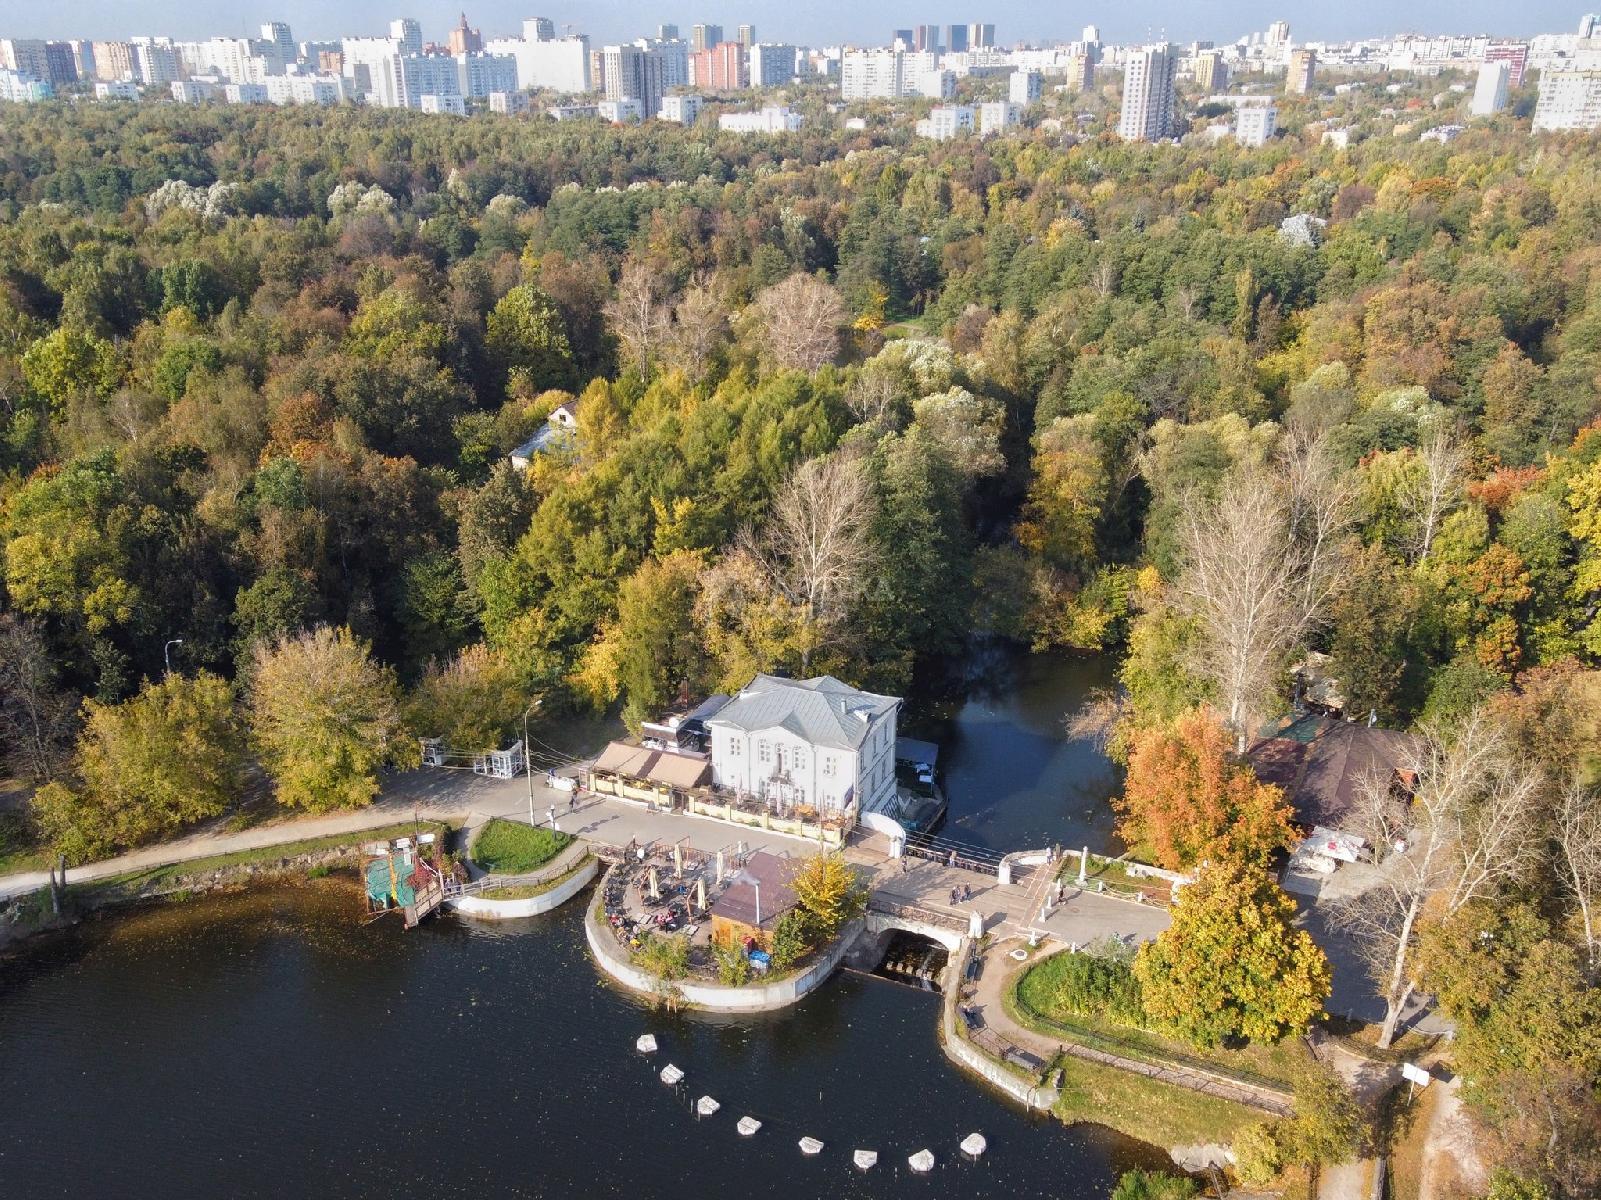 Фото №5 - 2-комнатная квартира, Москва, Институтская 2-я улица 6 корпус 4, метро Окская